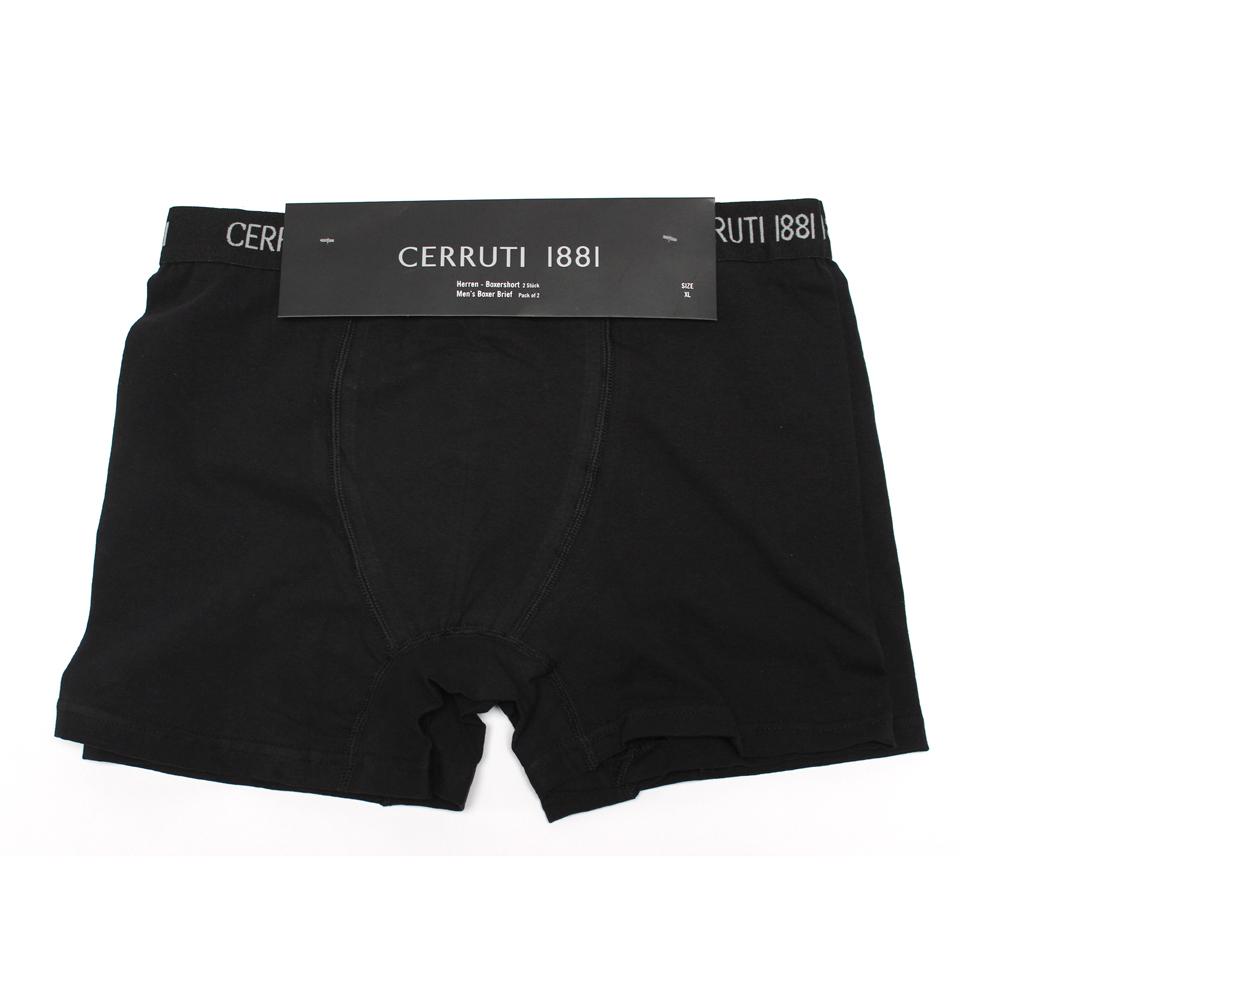 Ανδρικά Boxers Cerruti 1881 σε Μαύρο Χρώμα σετ 2 τεμαχίων  00004552